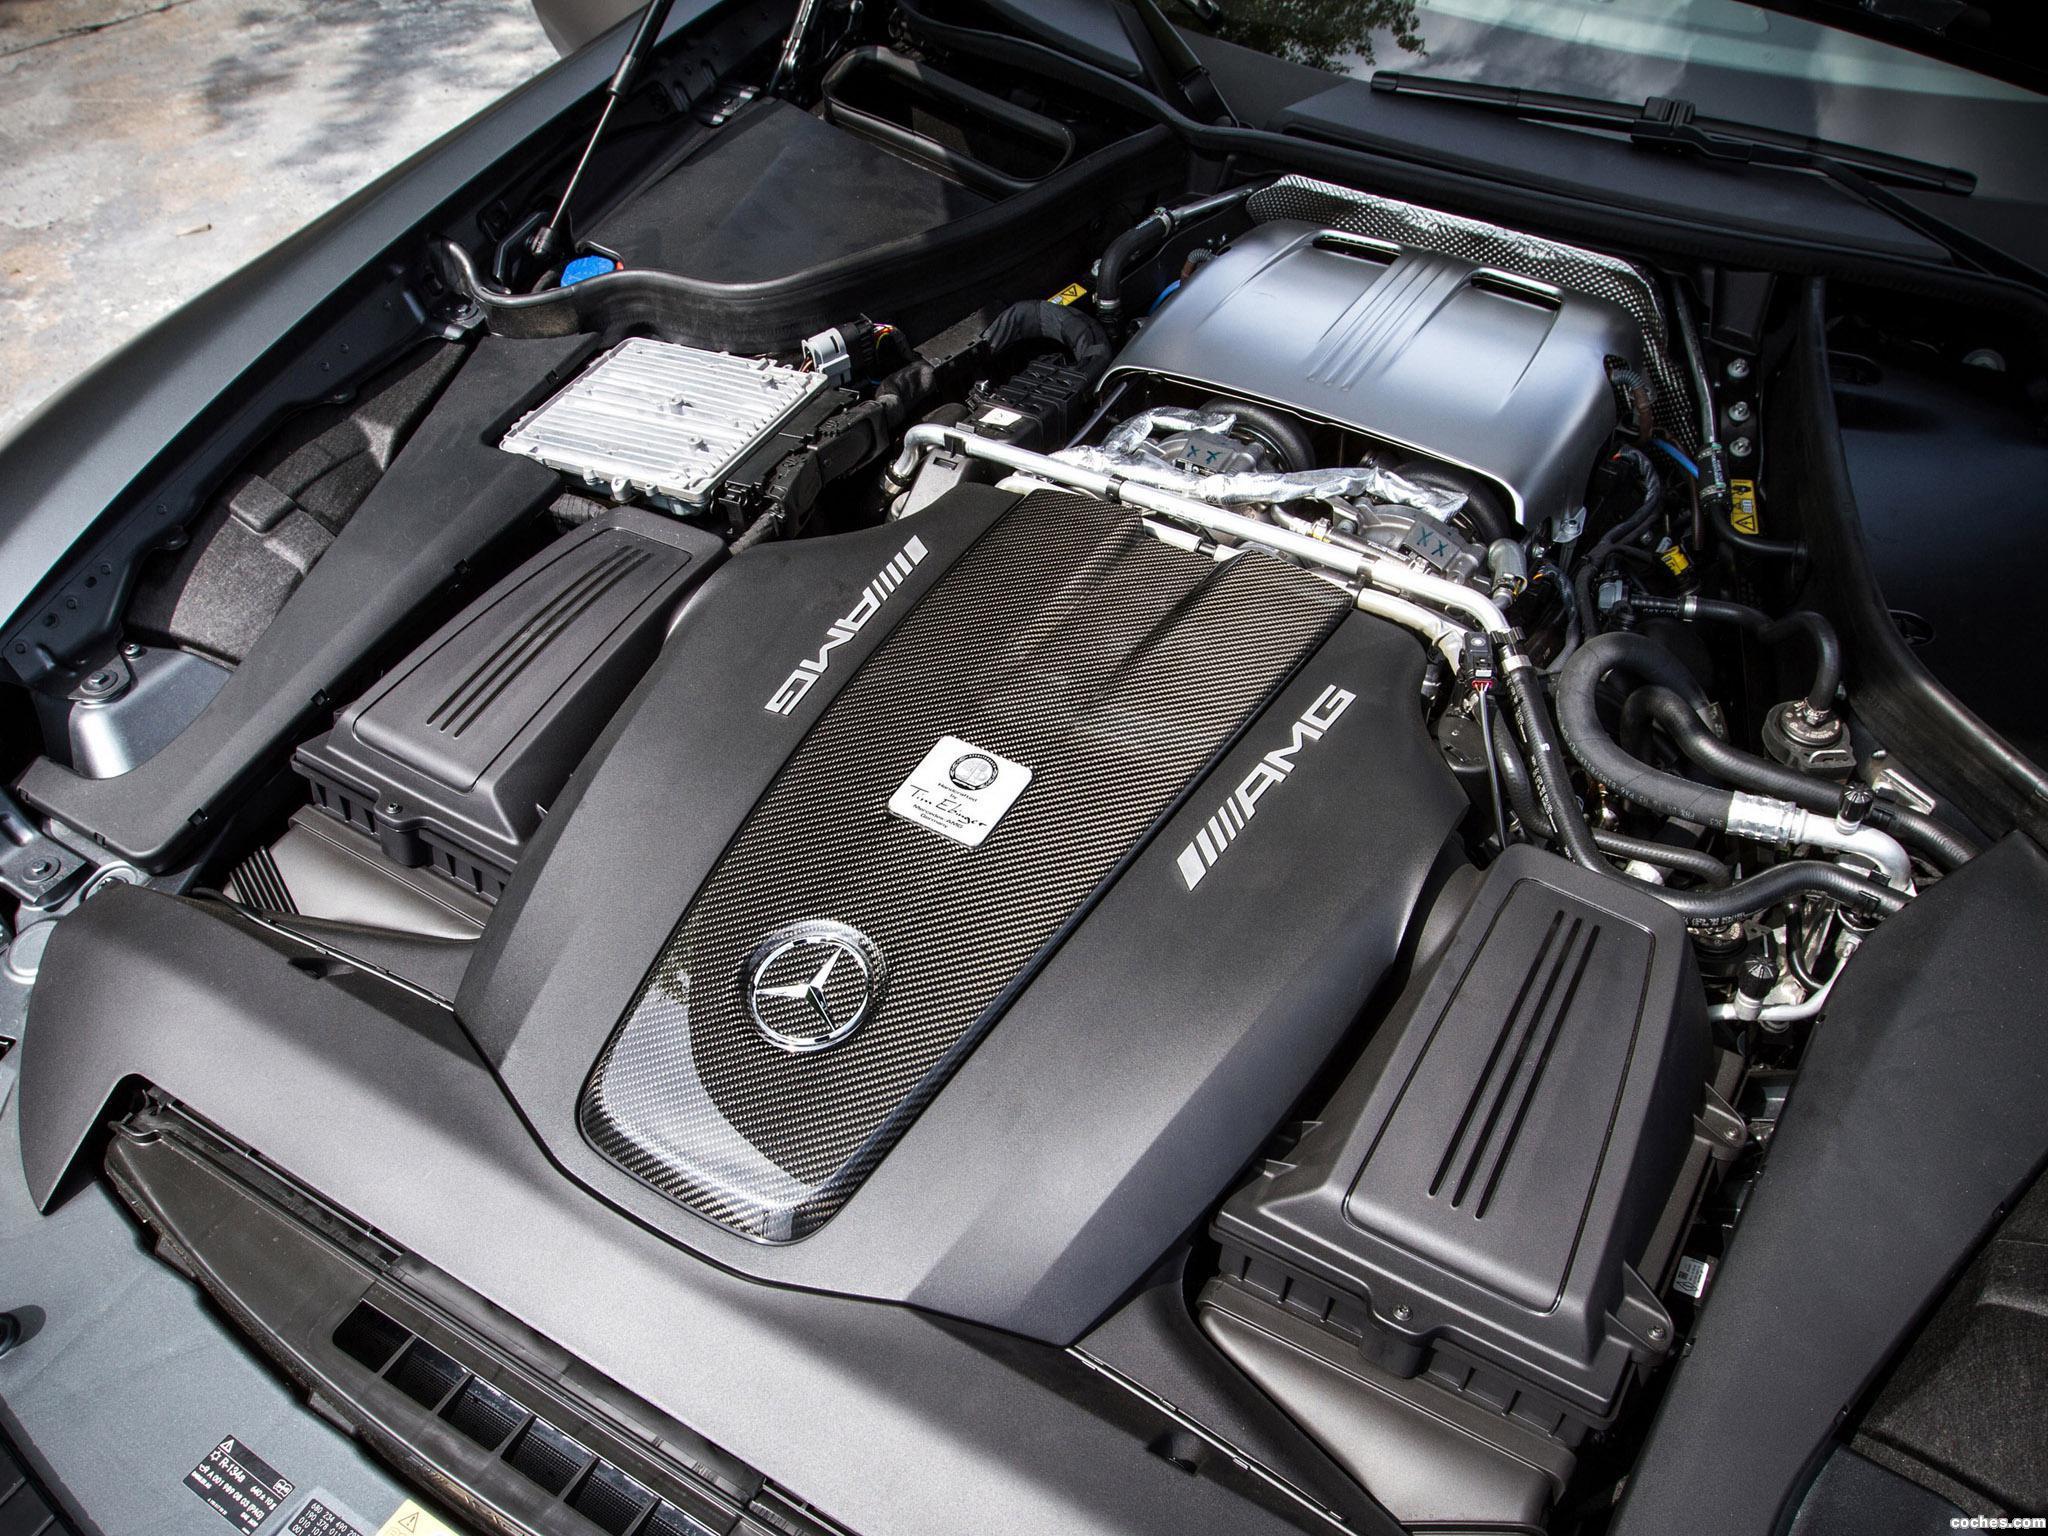 Foto 8 de McChip-DKR Mercedes AMG GT S C190 2015